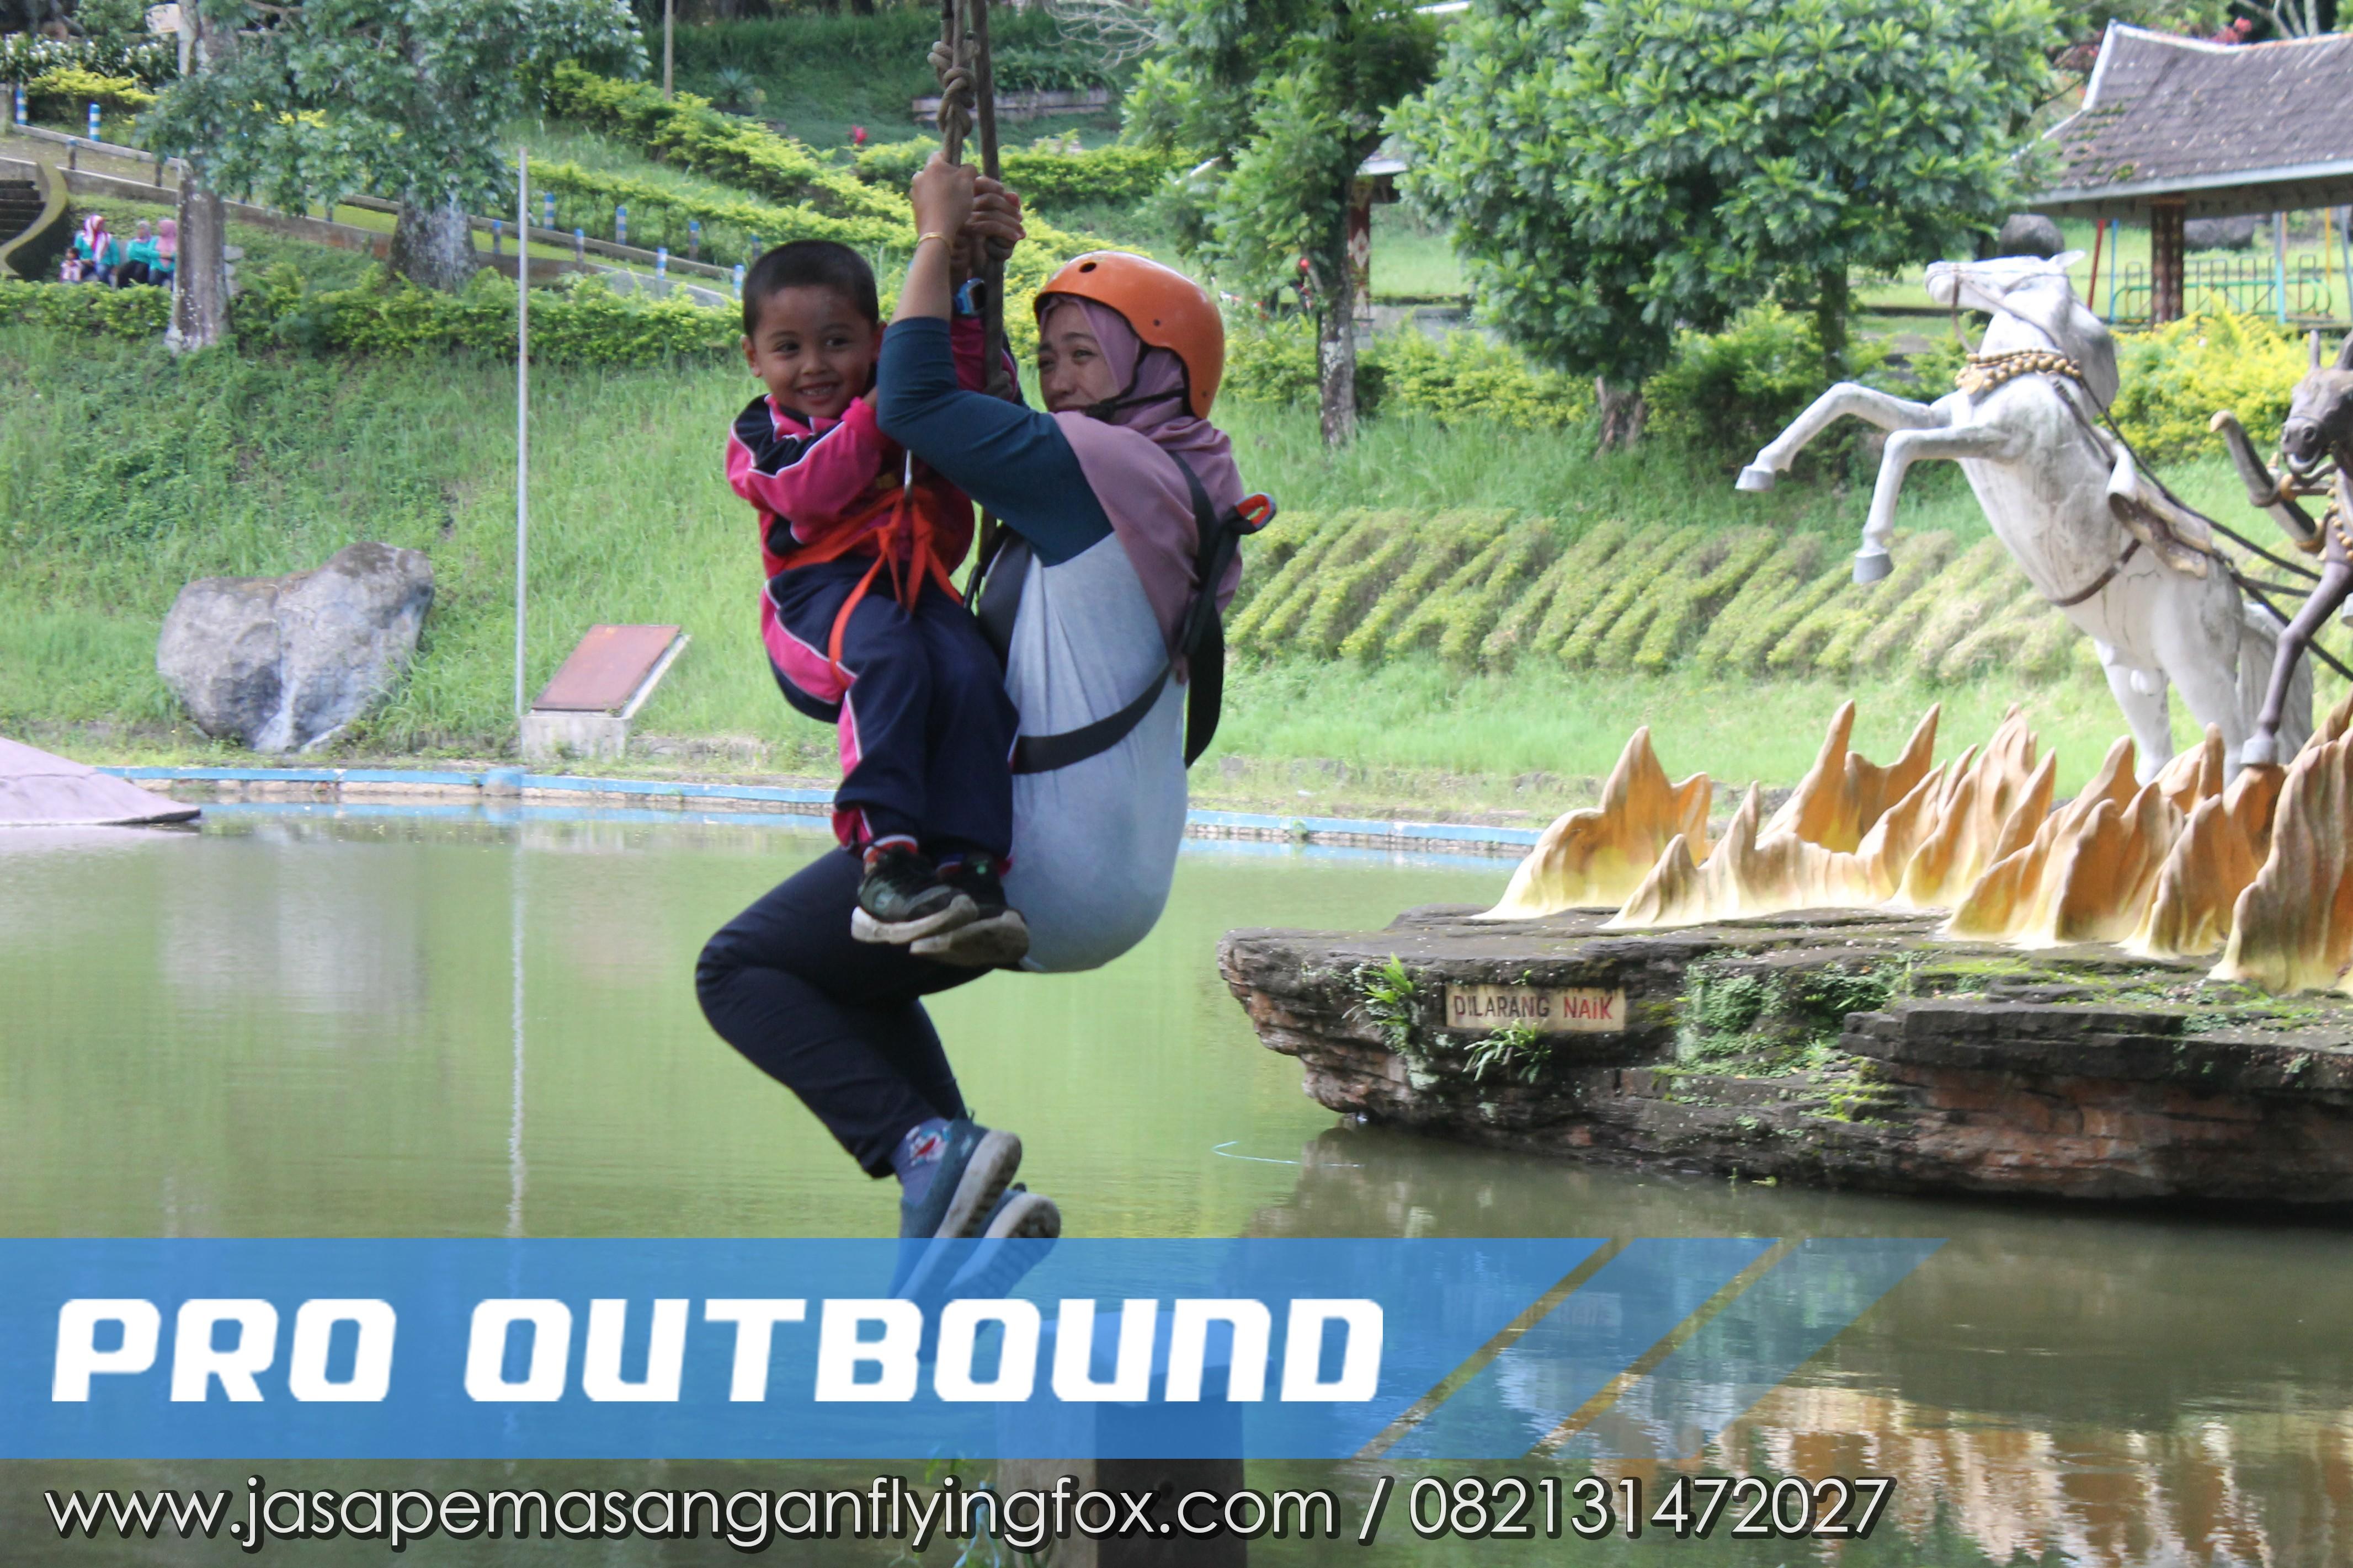 Melawan Rasa Takut Melalui Kegiatan Highrope - Flyingfox Untuk Anak Kalimantan, 082131472027 (4)